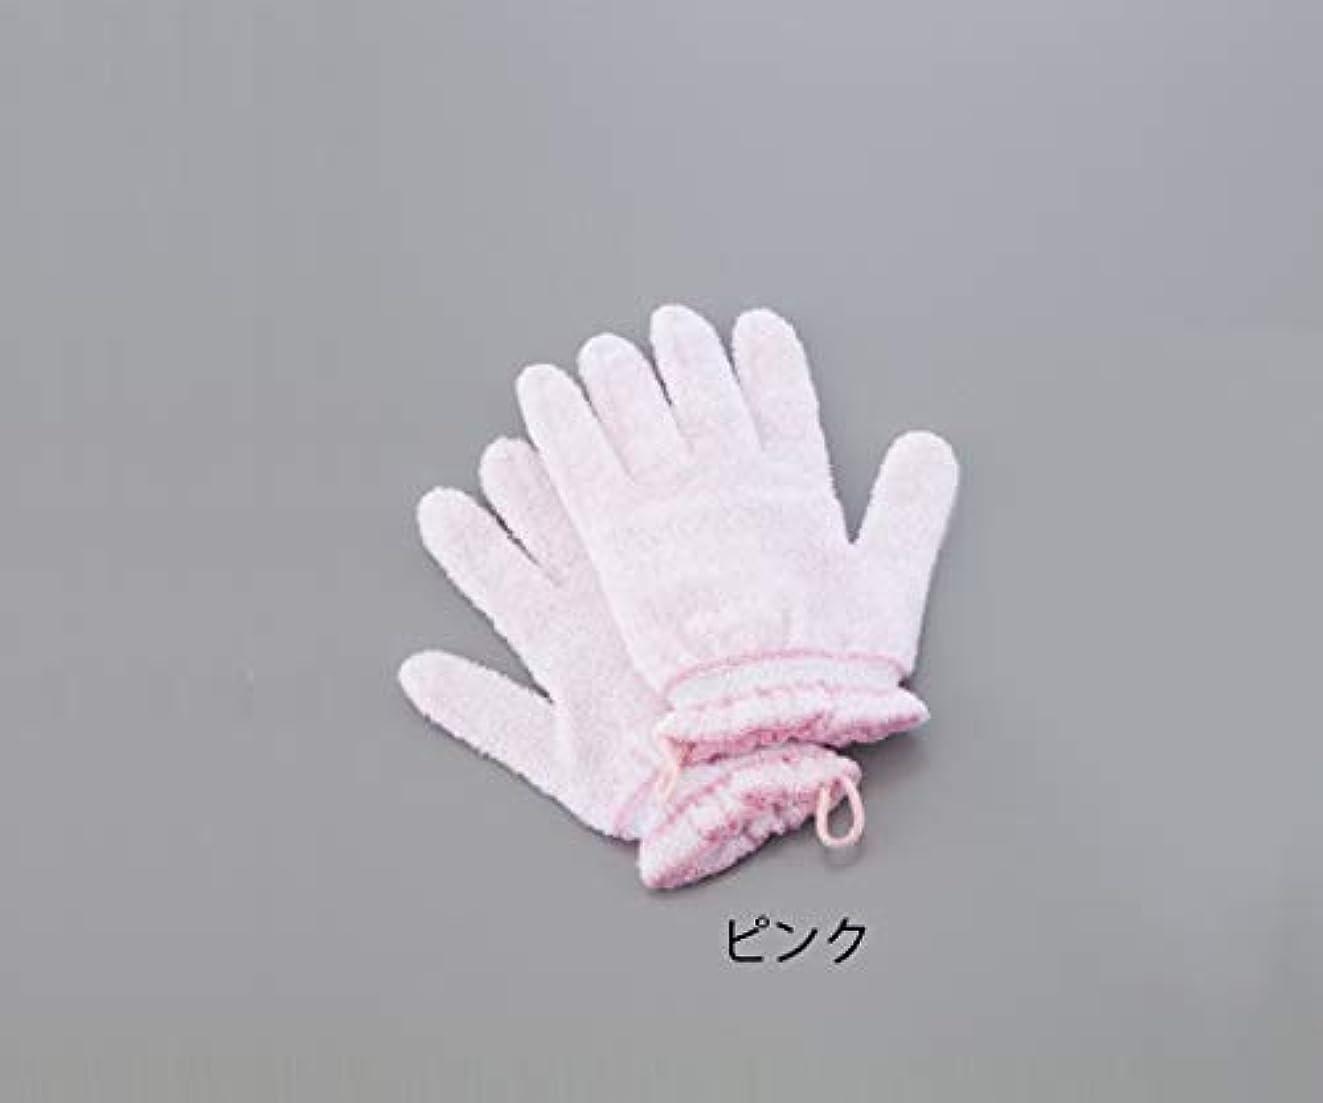 交響曲田舎歯0-4015-01浴用手袋(やさしい手)ピンク